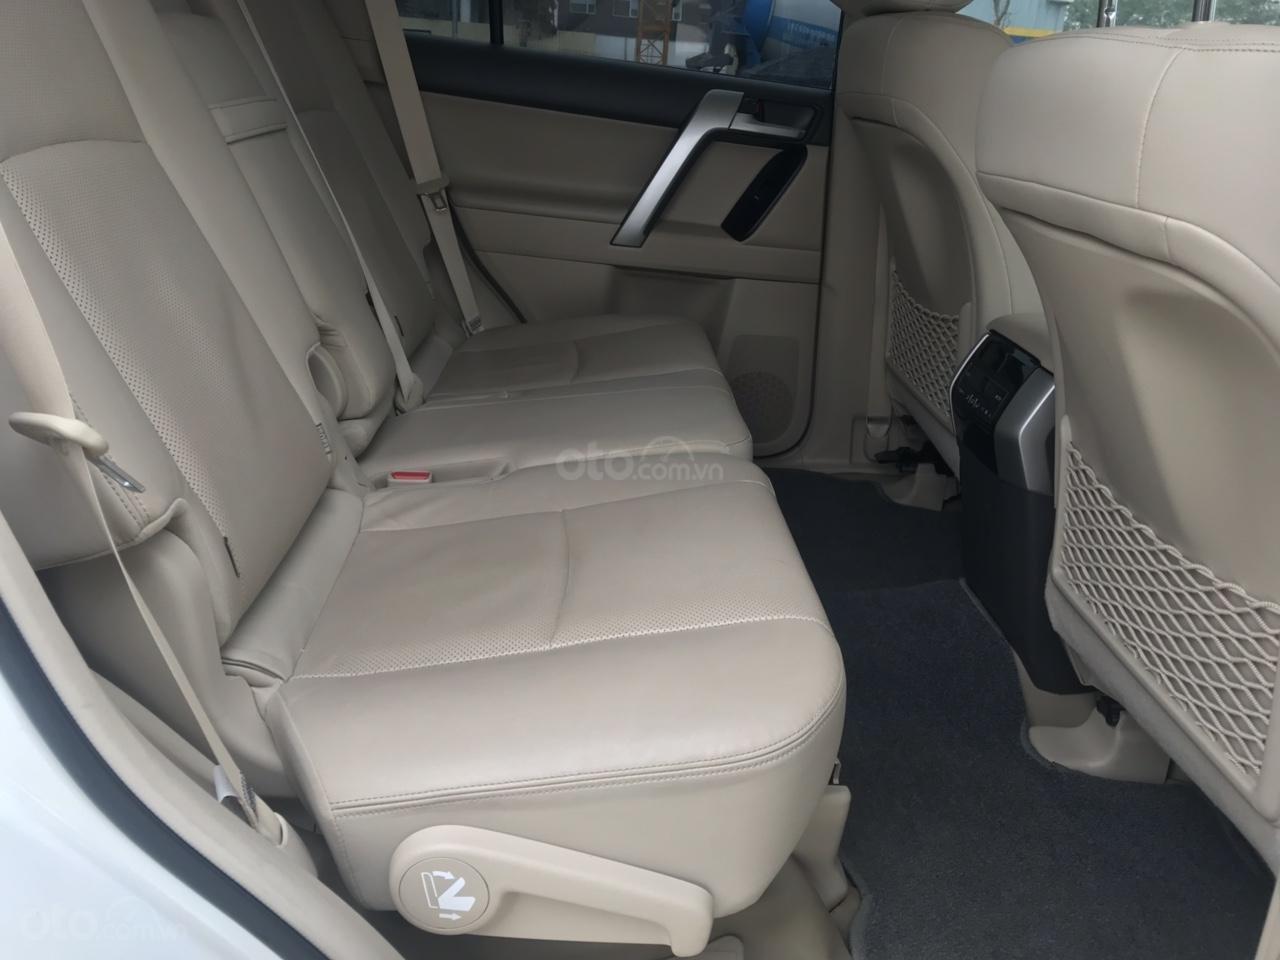 Cần bán xe Toyota Prado đời 2018, màu trắng, xe siêu lướt thơm mùi mới - Liên hệ: 094-711-6996 Mr Thanh-7